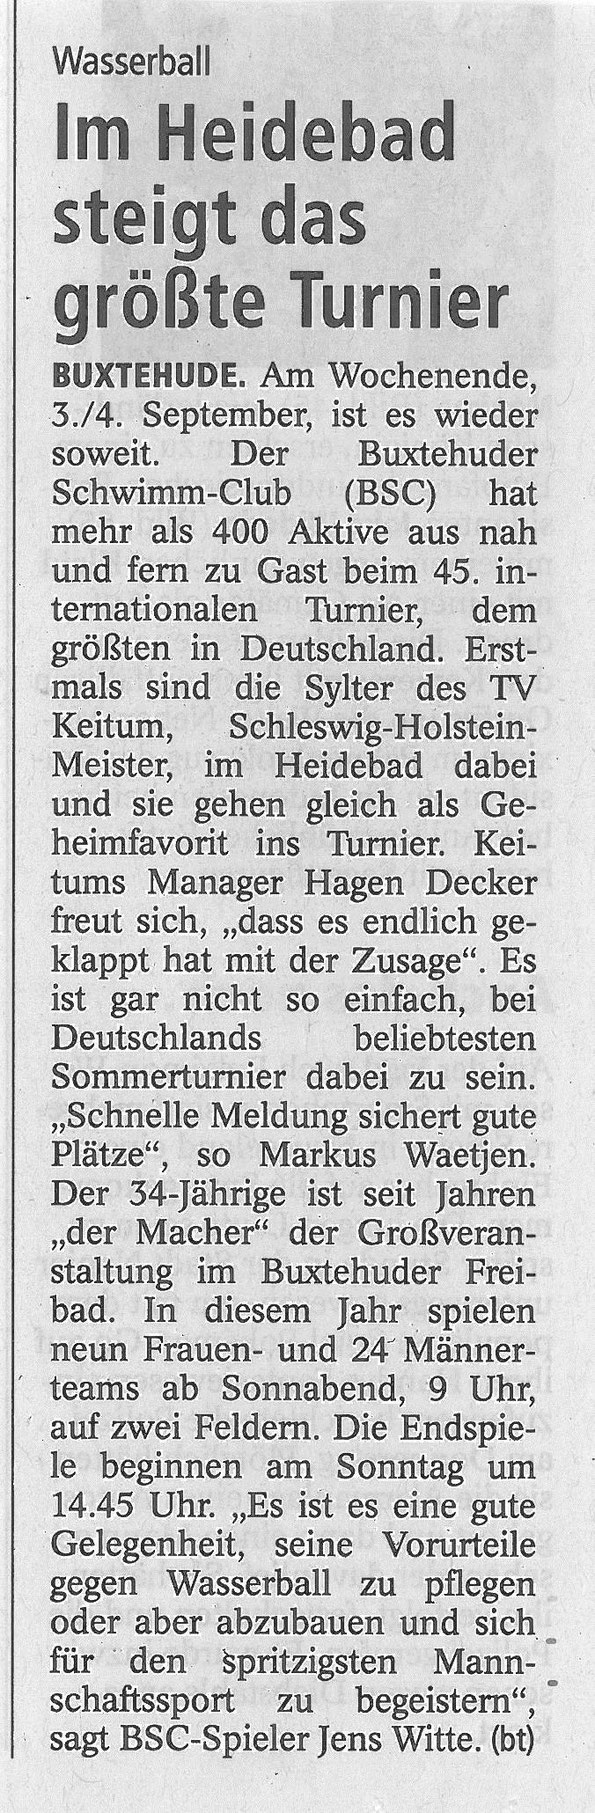 Buxtehuder Tageblatt vom 2. September 2016. Wasserball: Im Heidebad steigt das größte Turnier